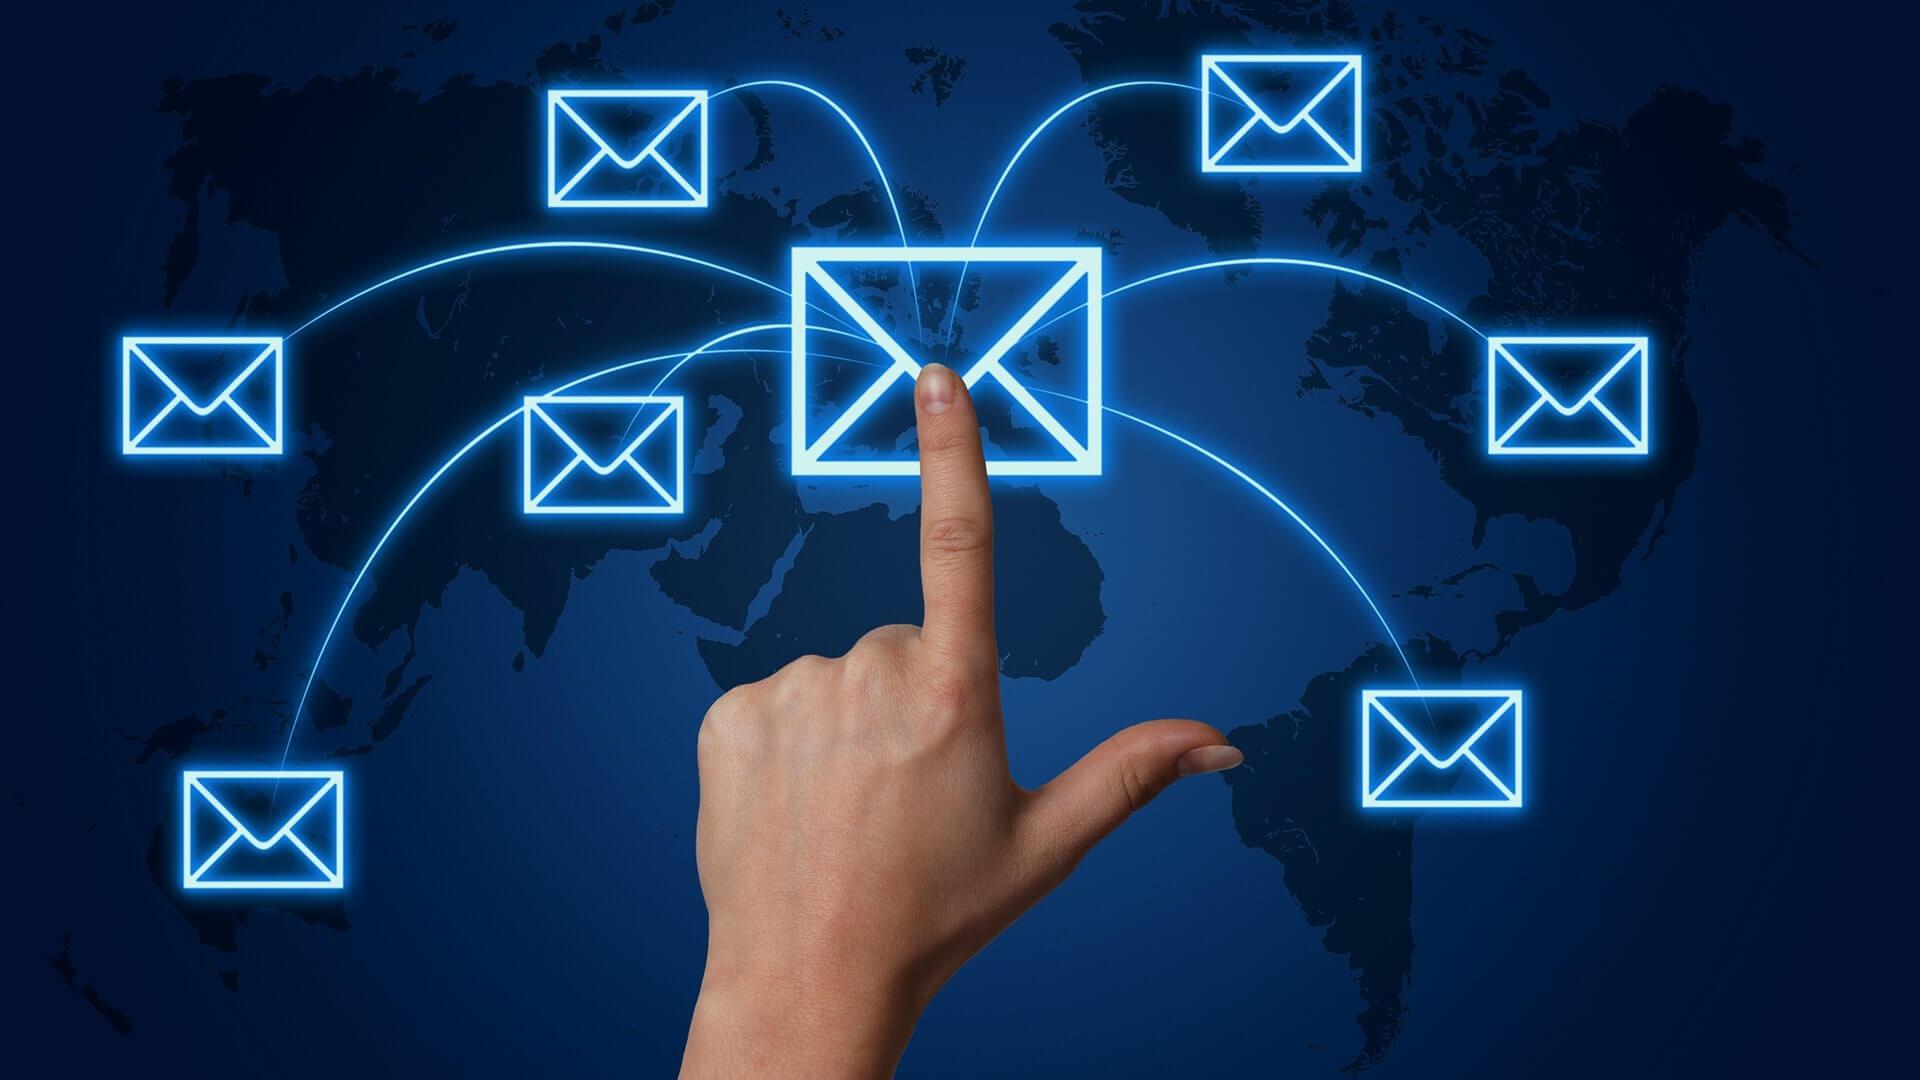 Может ли IP-адрес передавать мои данные и адрес?